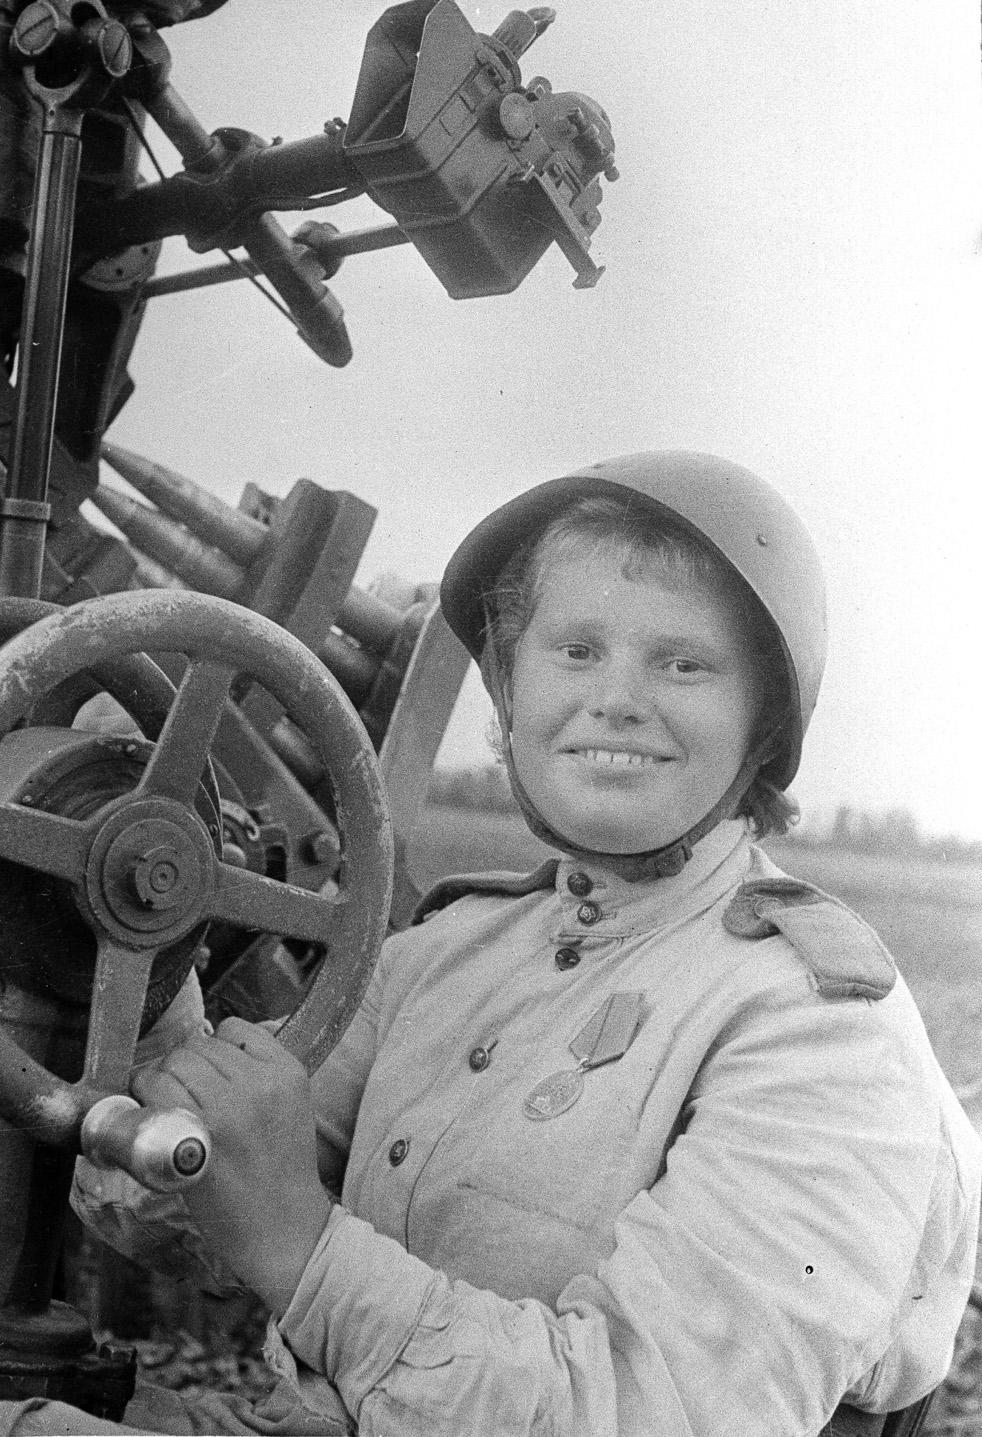 Tamara, canonnière d'artillerie anti-aérienne. Front de l'Ouest, 1943.